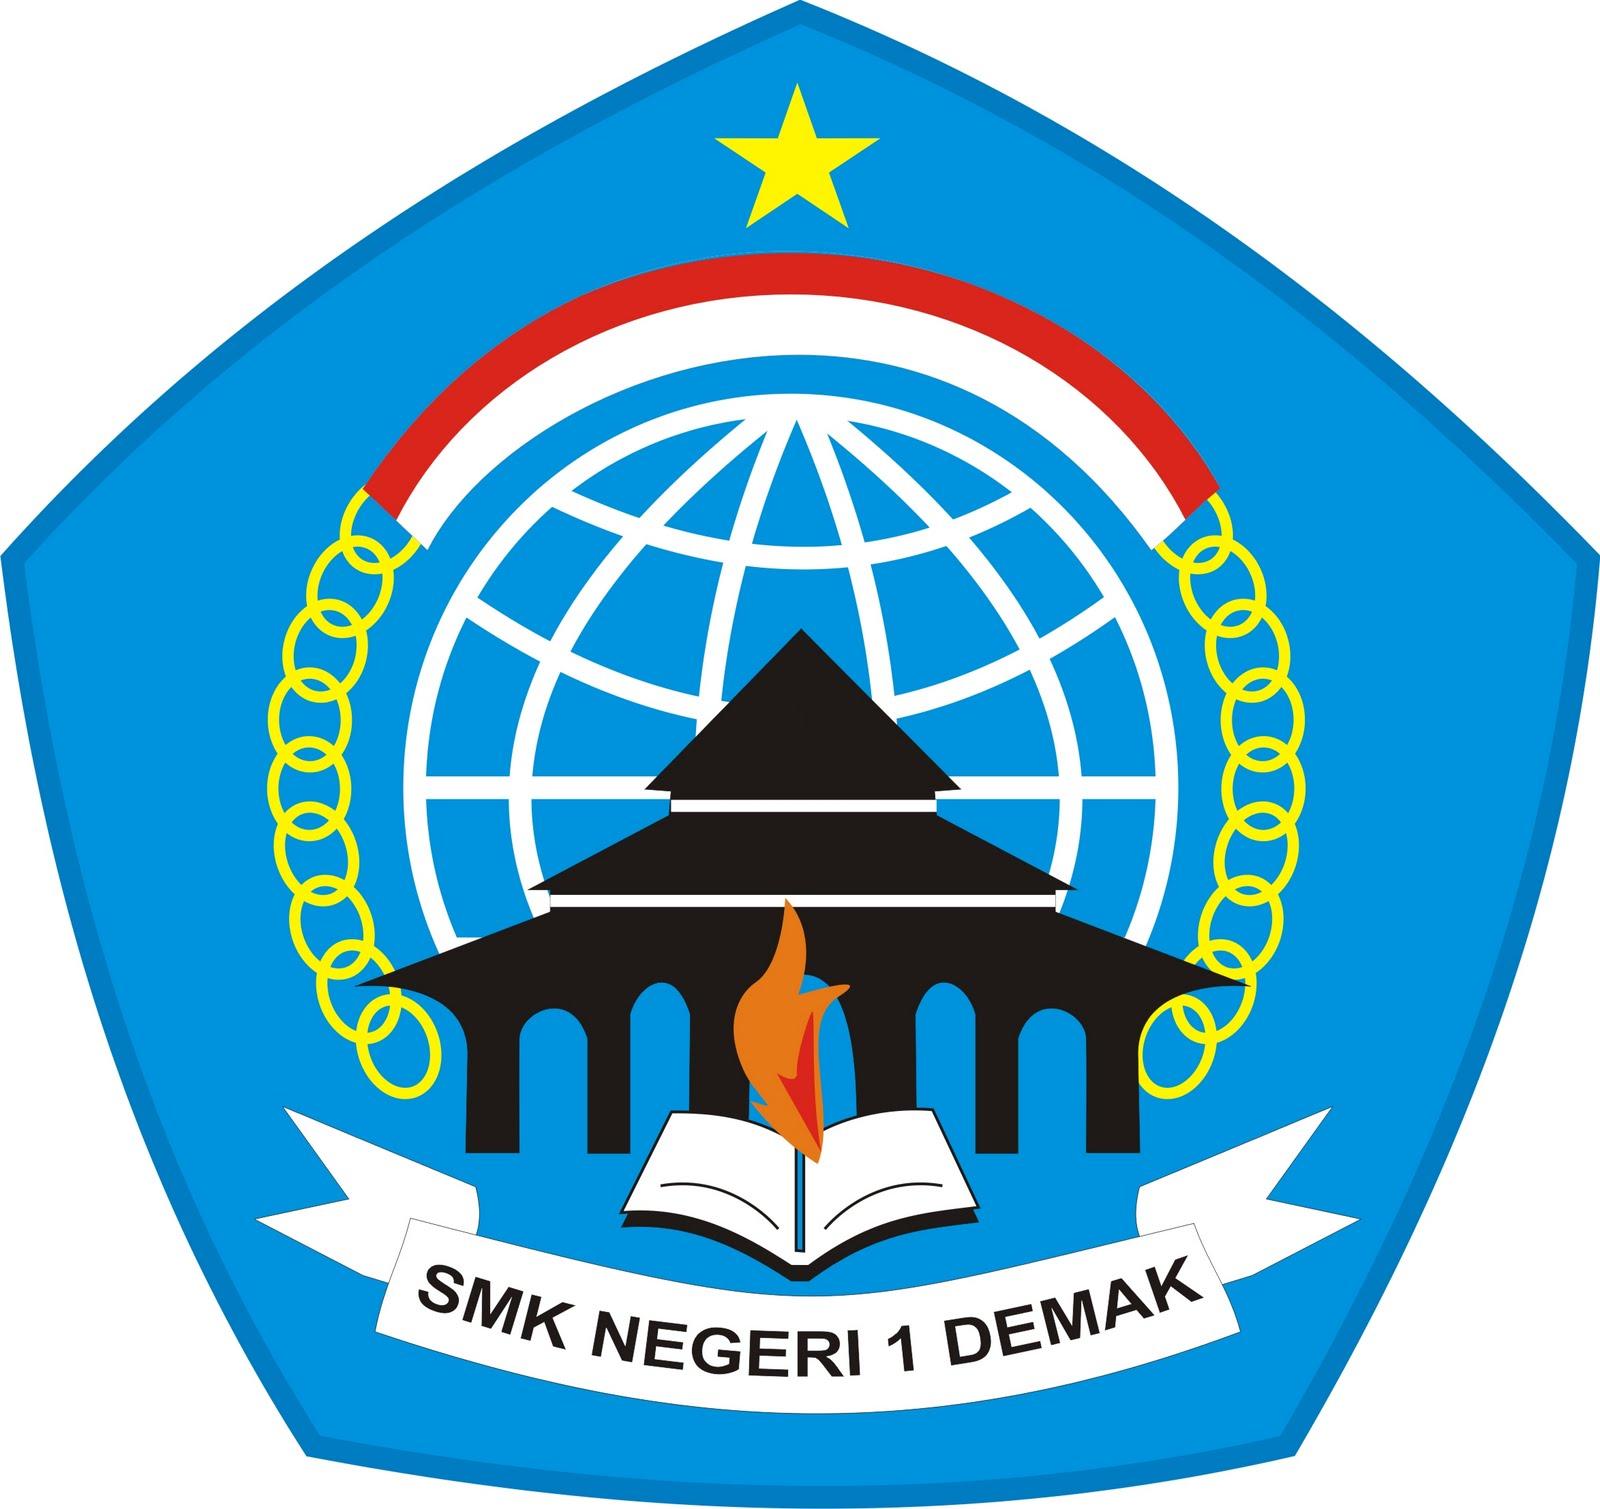 logo smk n 1 demak